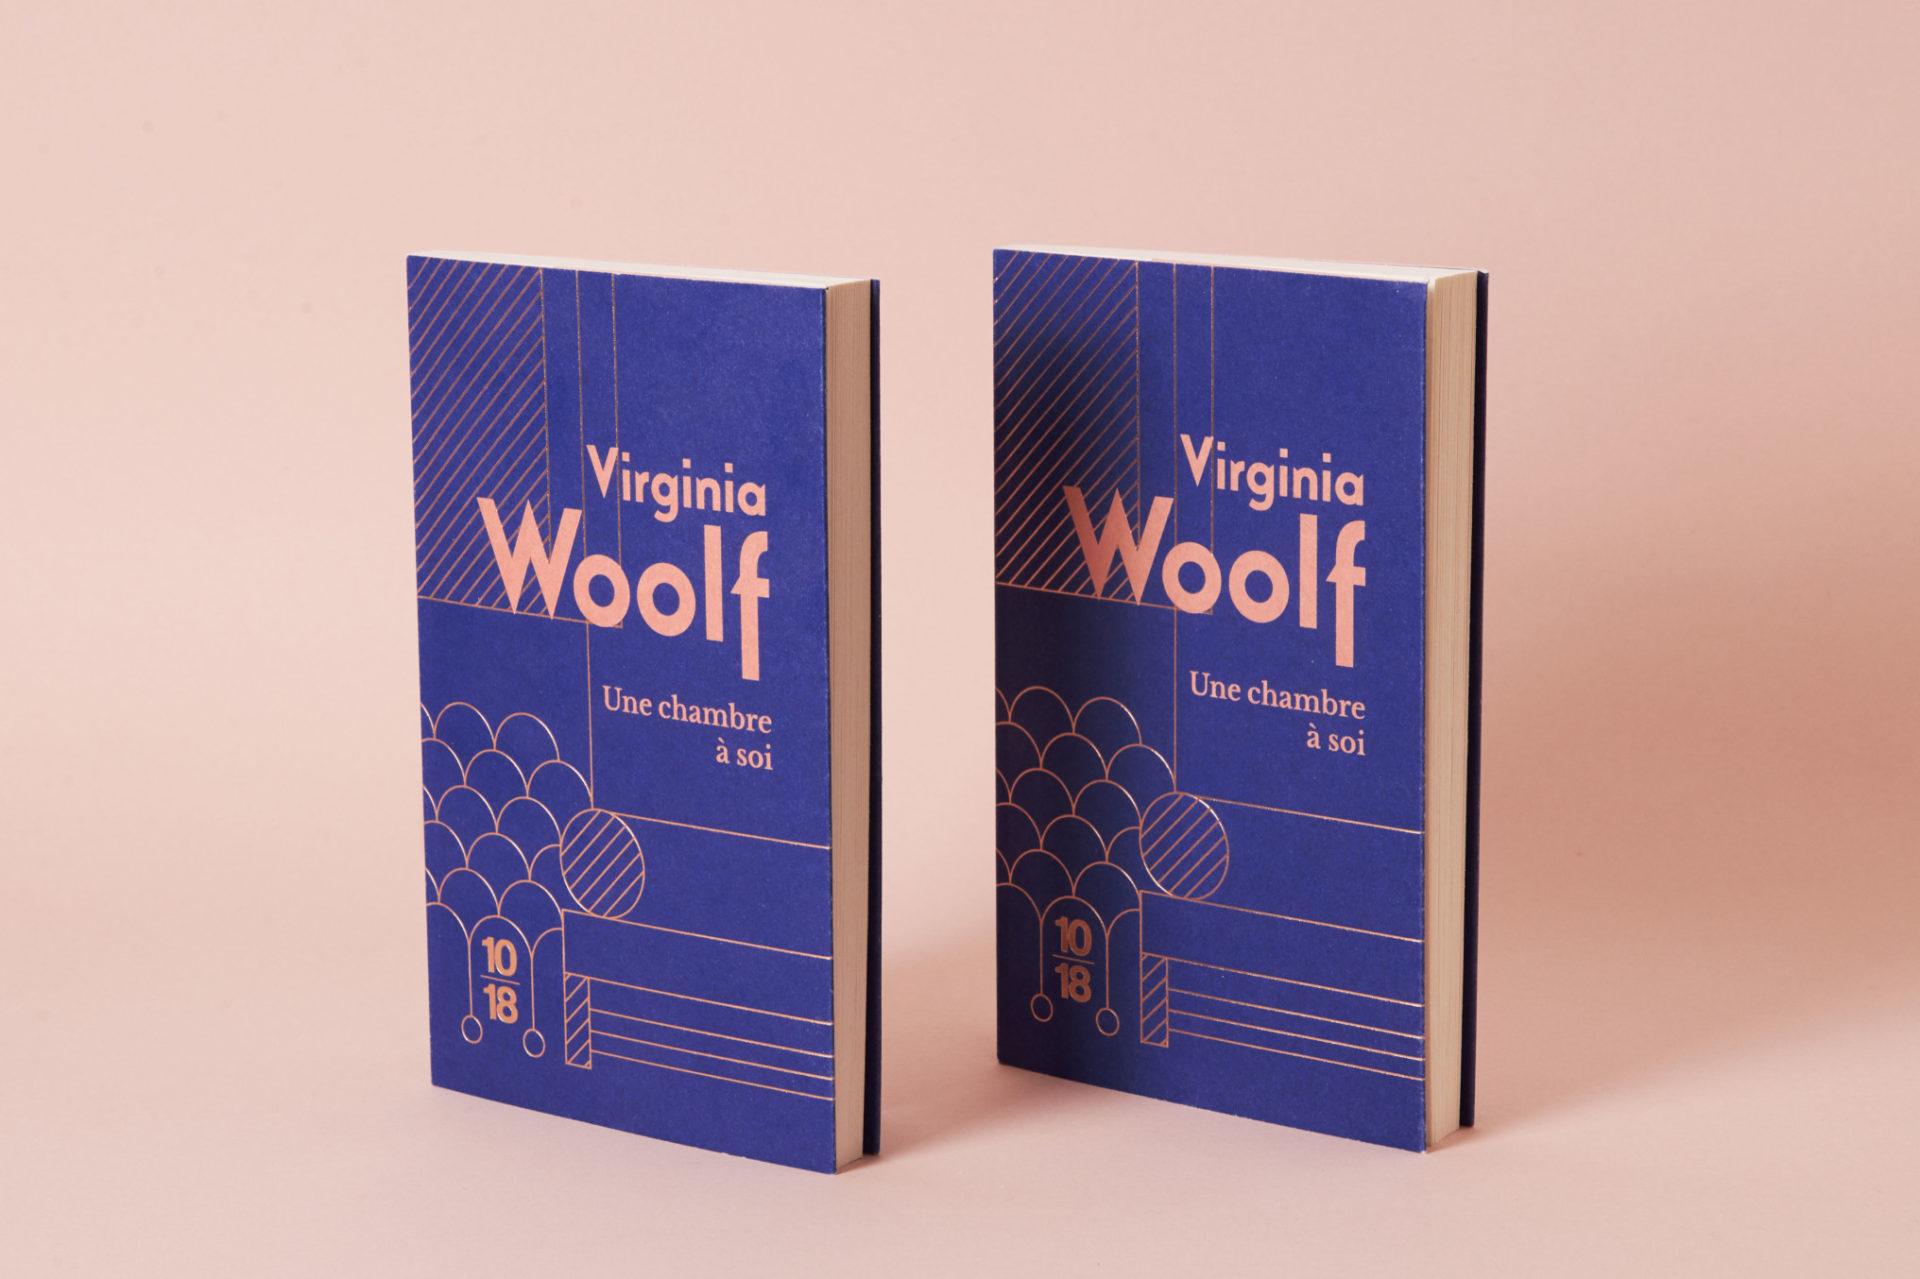 Une chambre à soi, Virginia Woolf